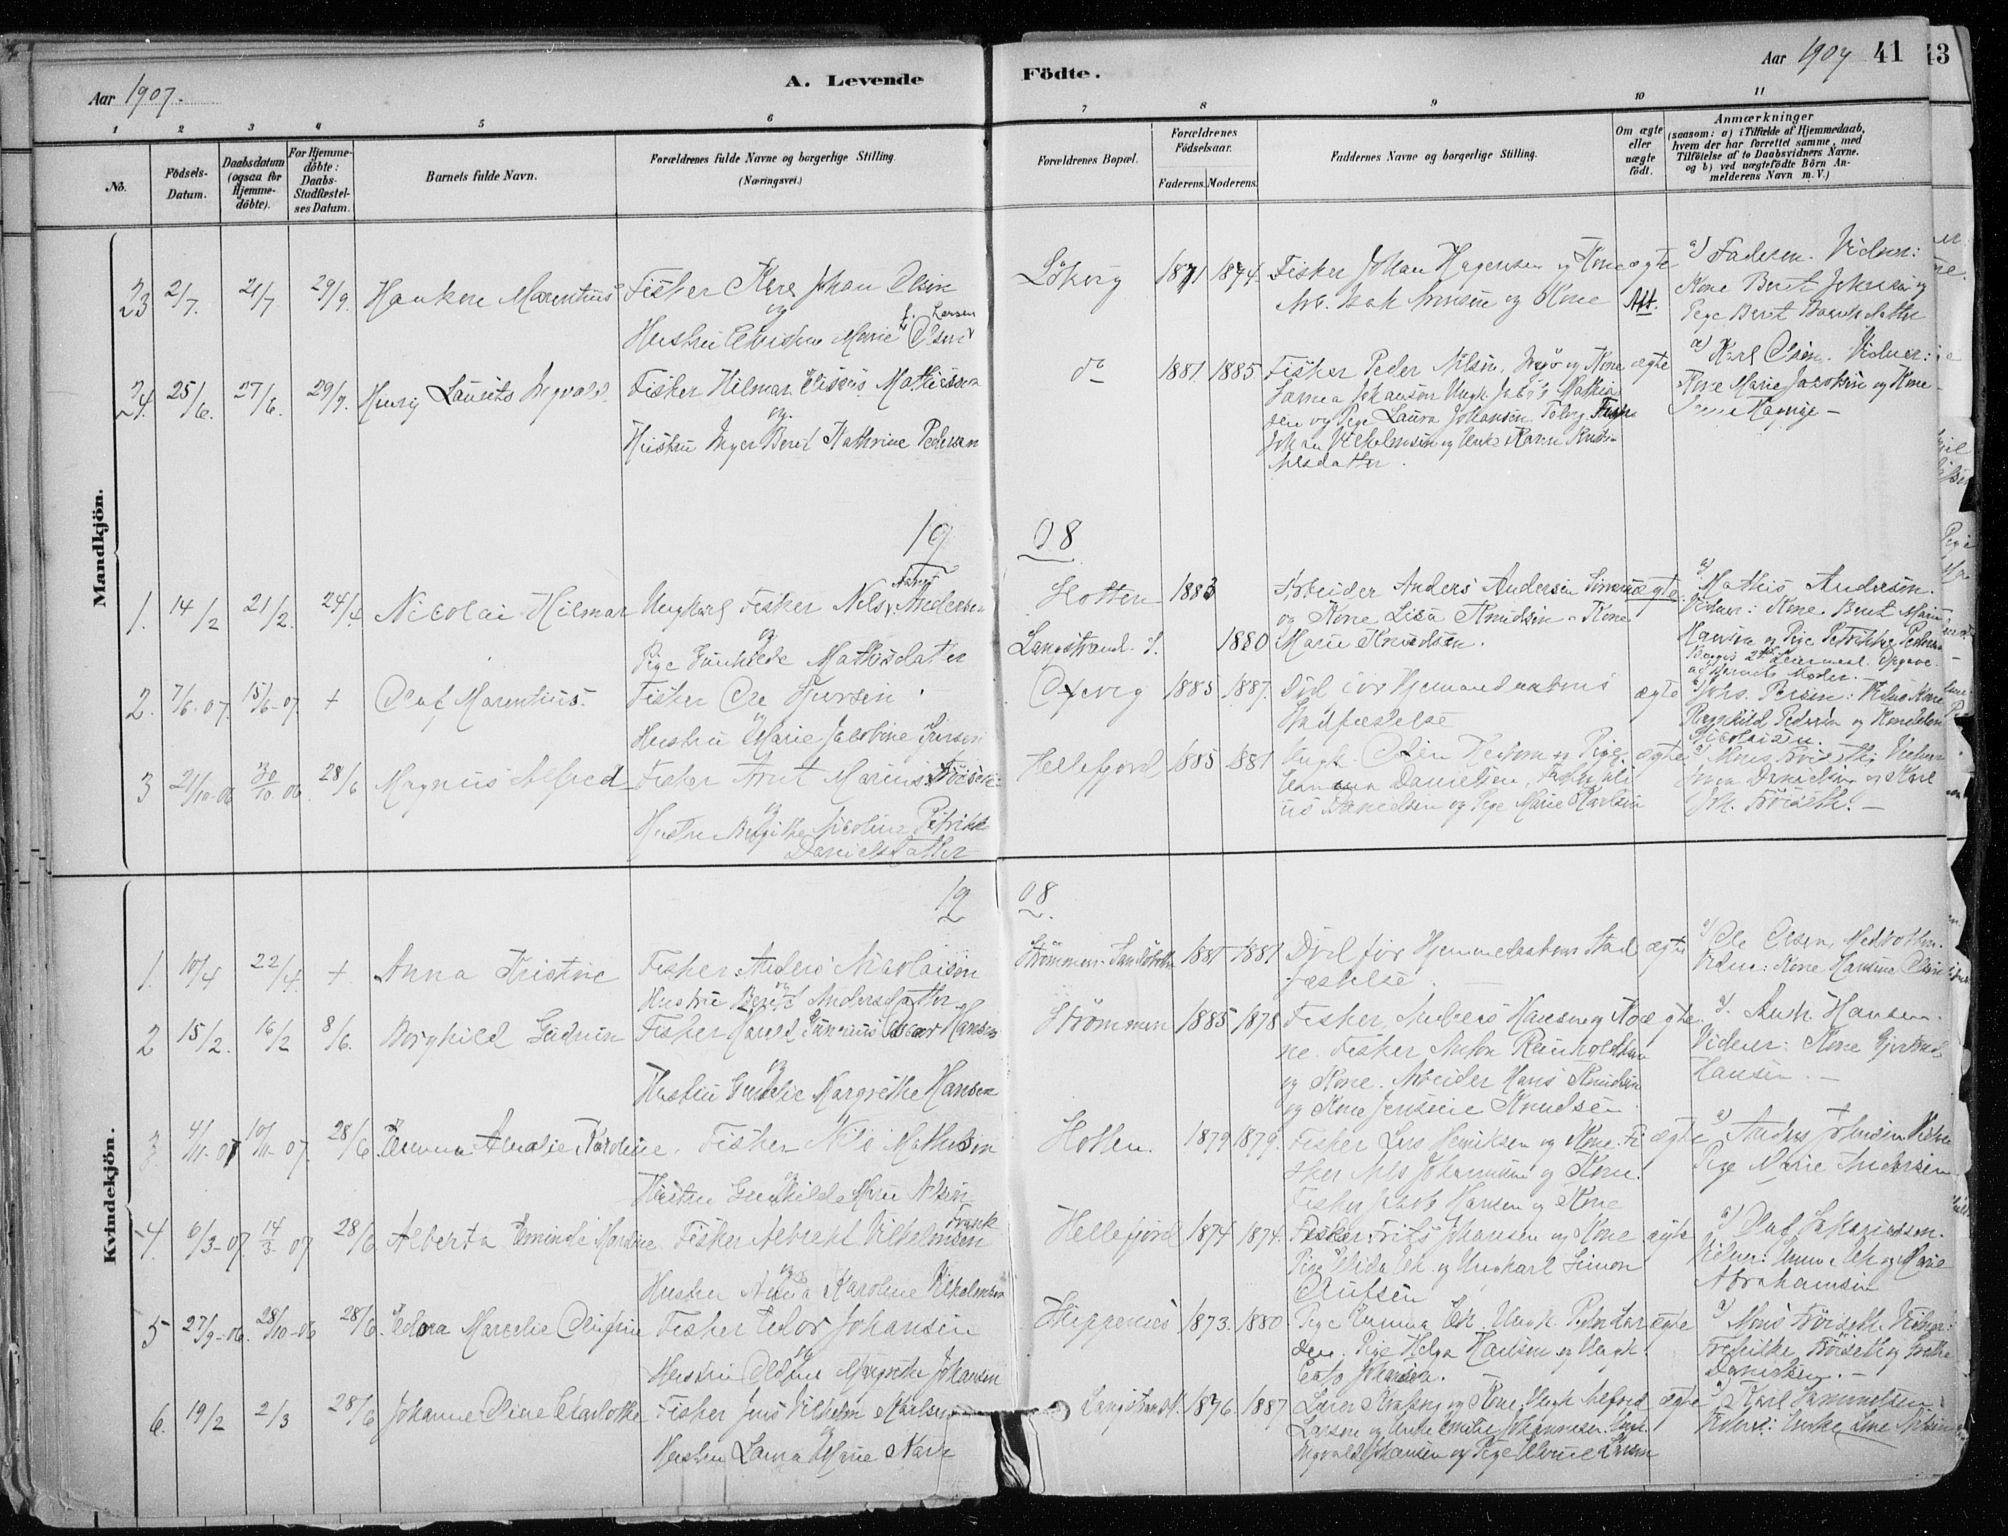 SATØ, Hammerfest sokneprestkontor, H/Ha/L0013.kirke: Ministerialbok nr. 13, 1898-1917, s. 41